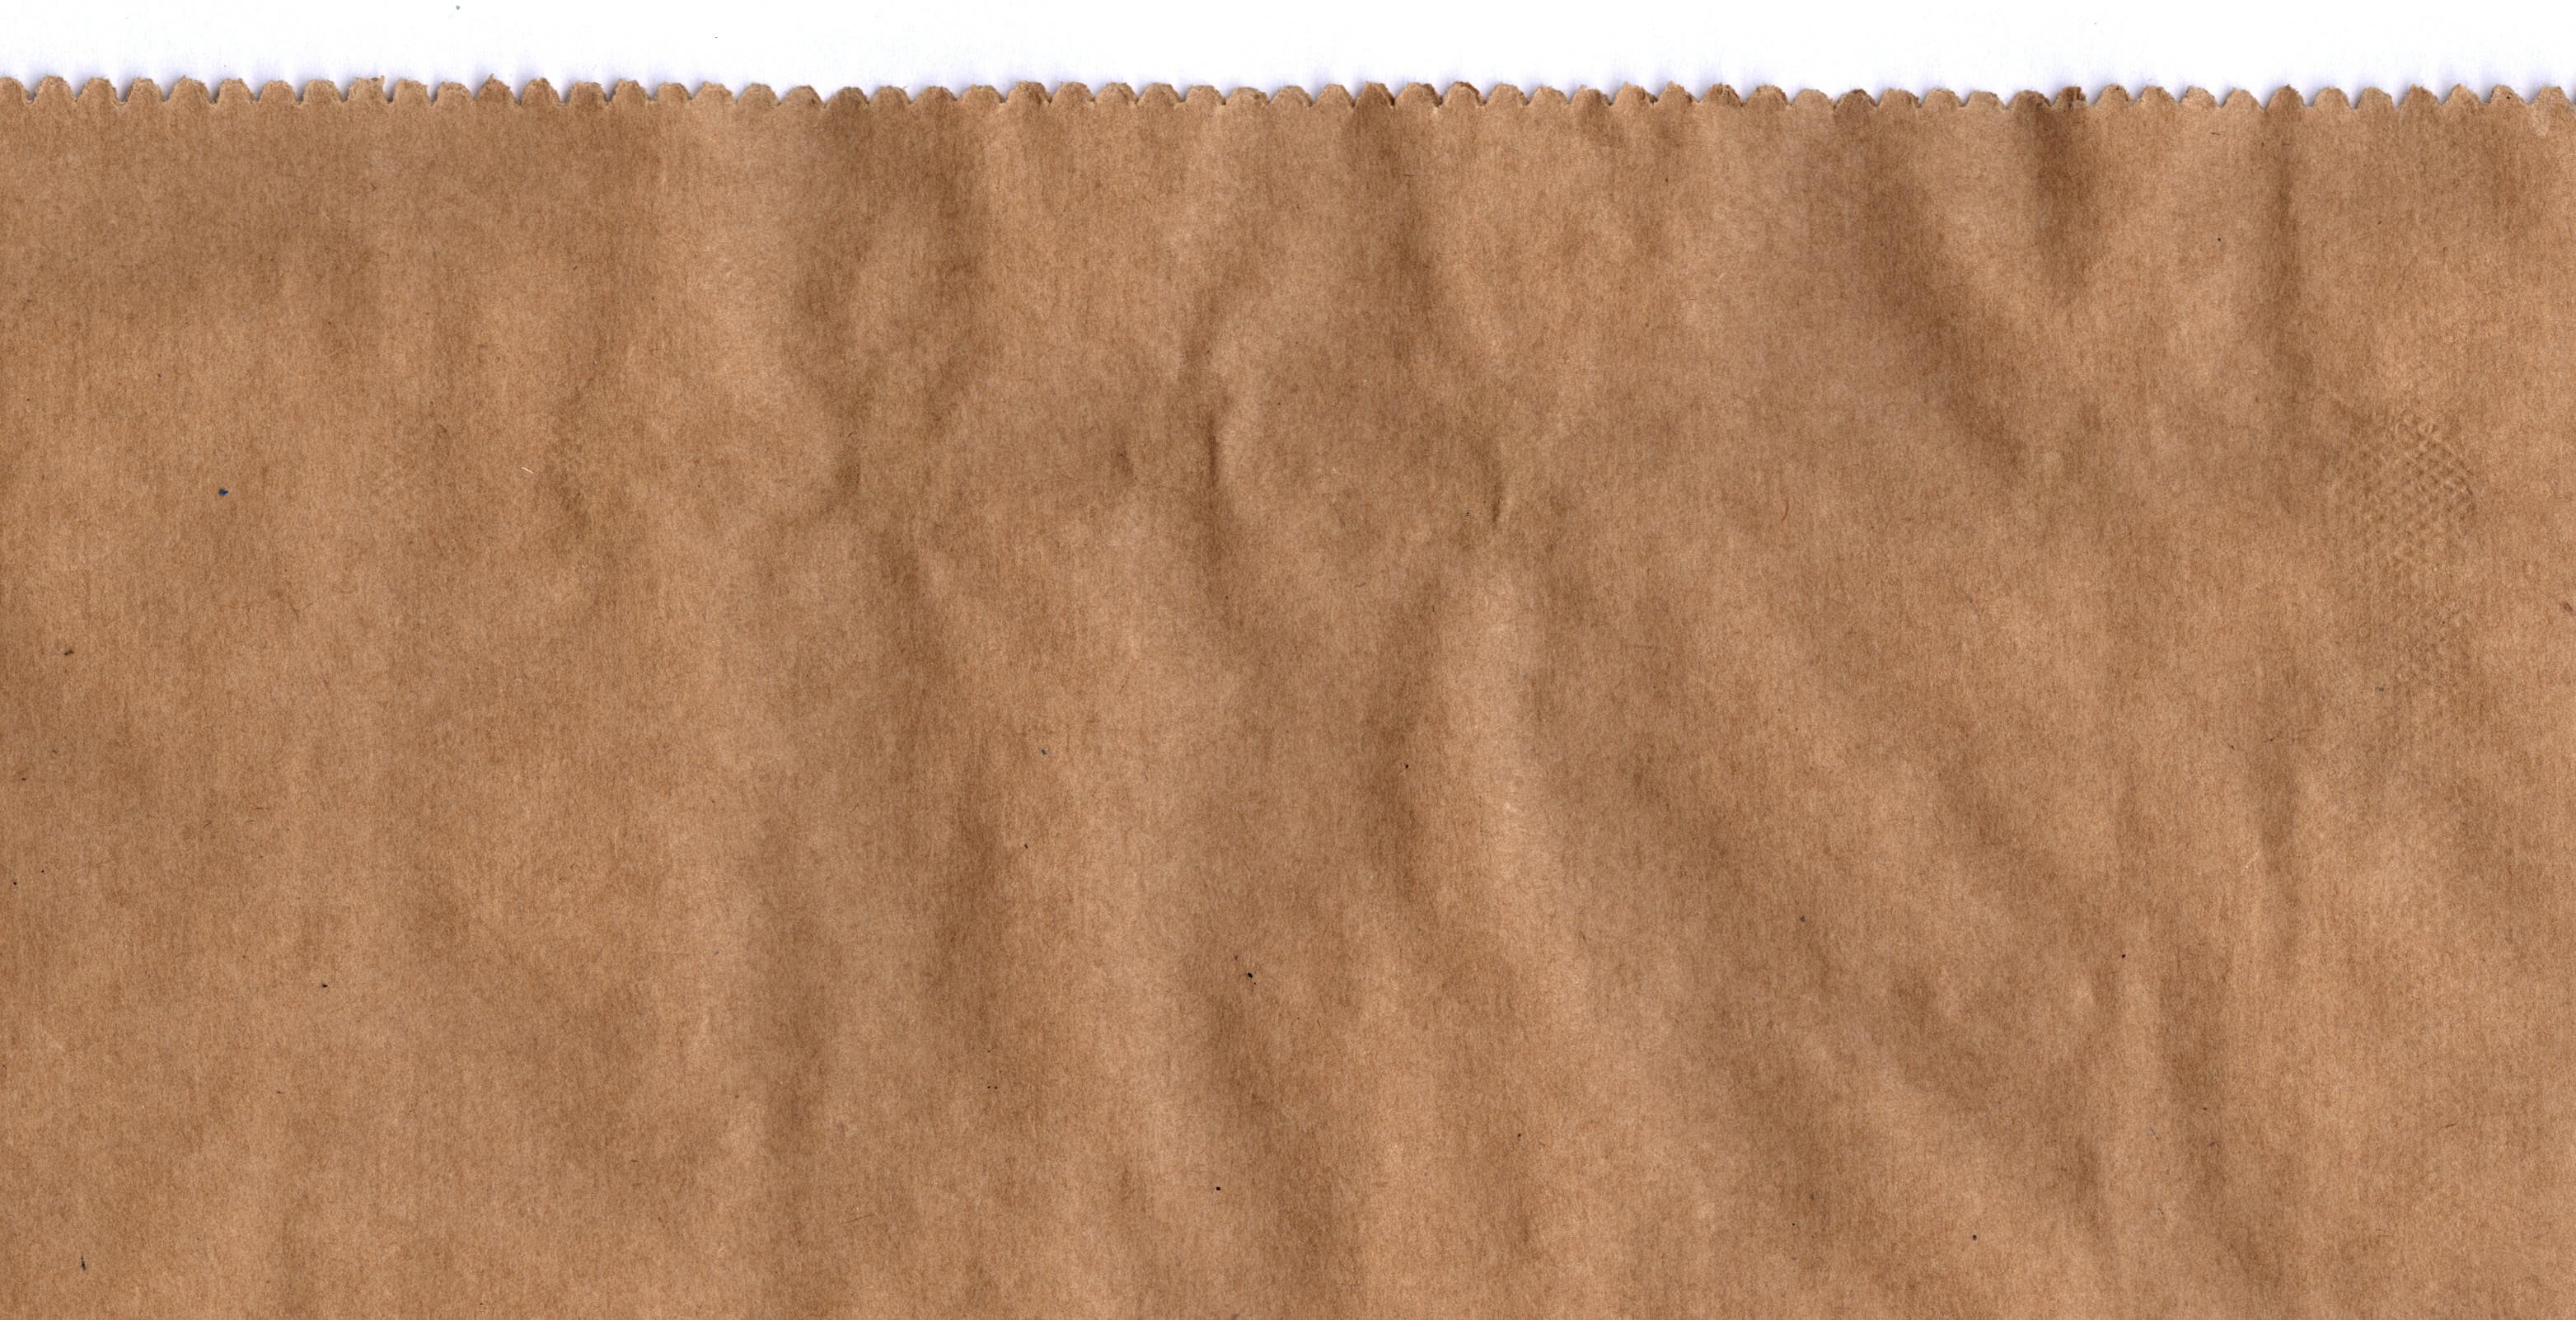 Brown paper bags as wallpaper 31 images - Brown paper bag walls ...